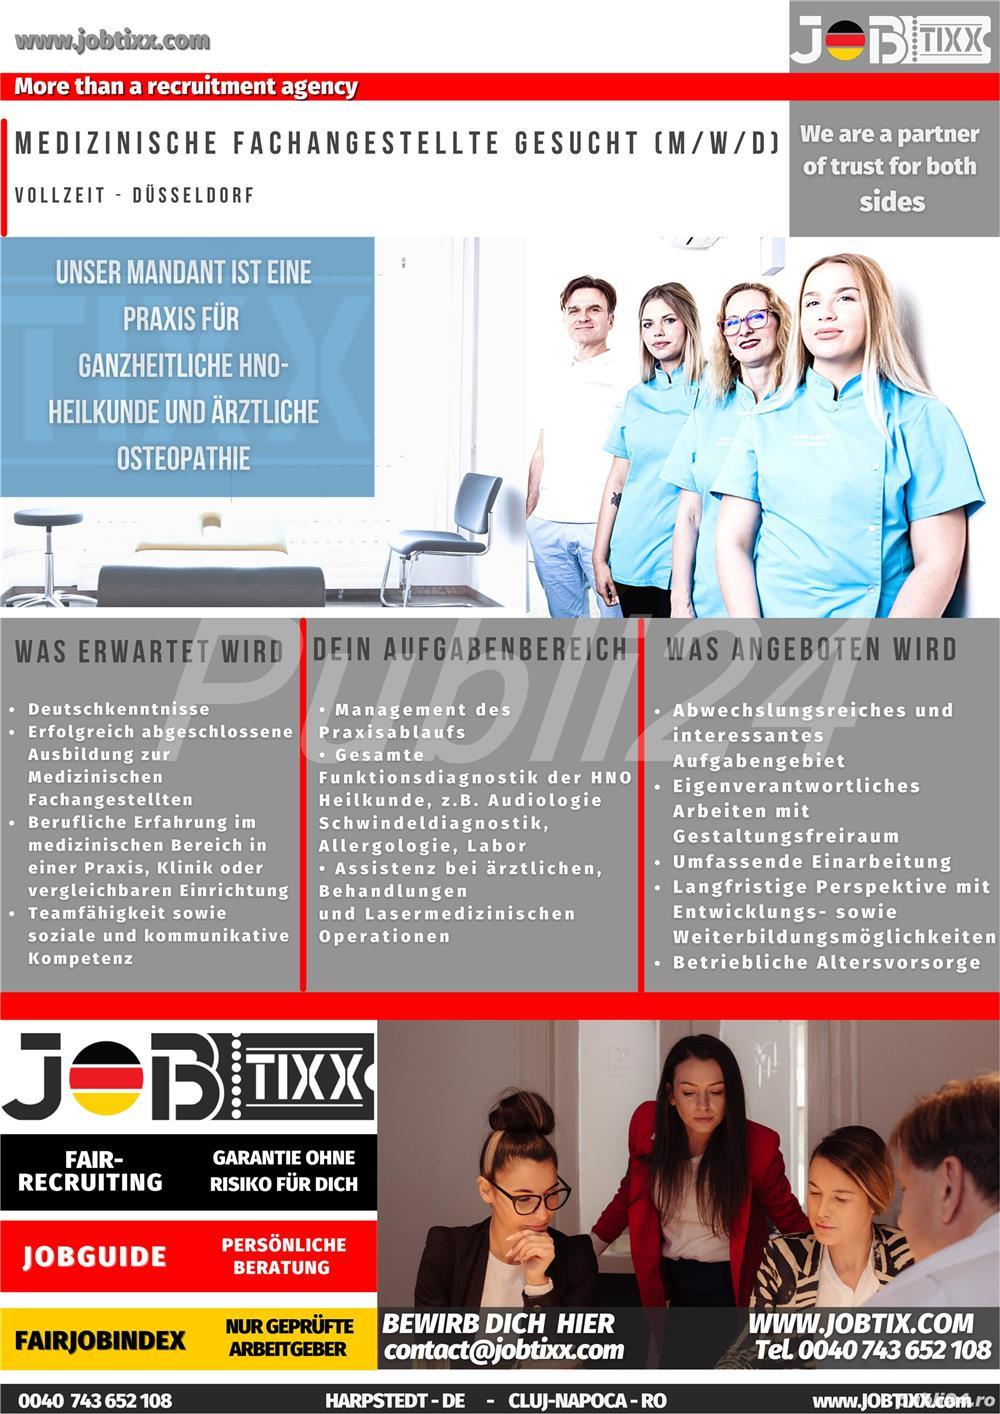 Medizinische Fachanagestellte (m/w/d) (Asistenta Medicala) in D sseldorf